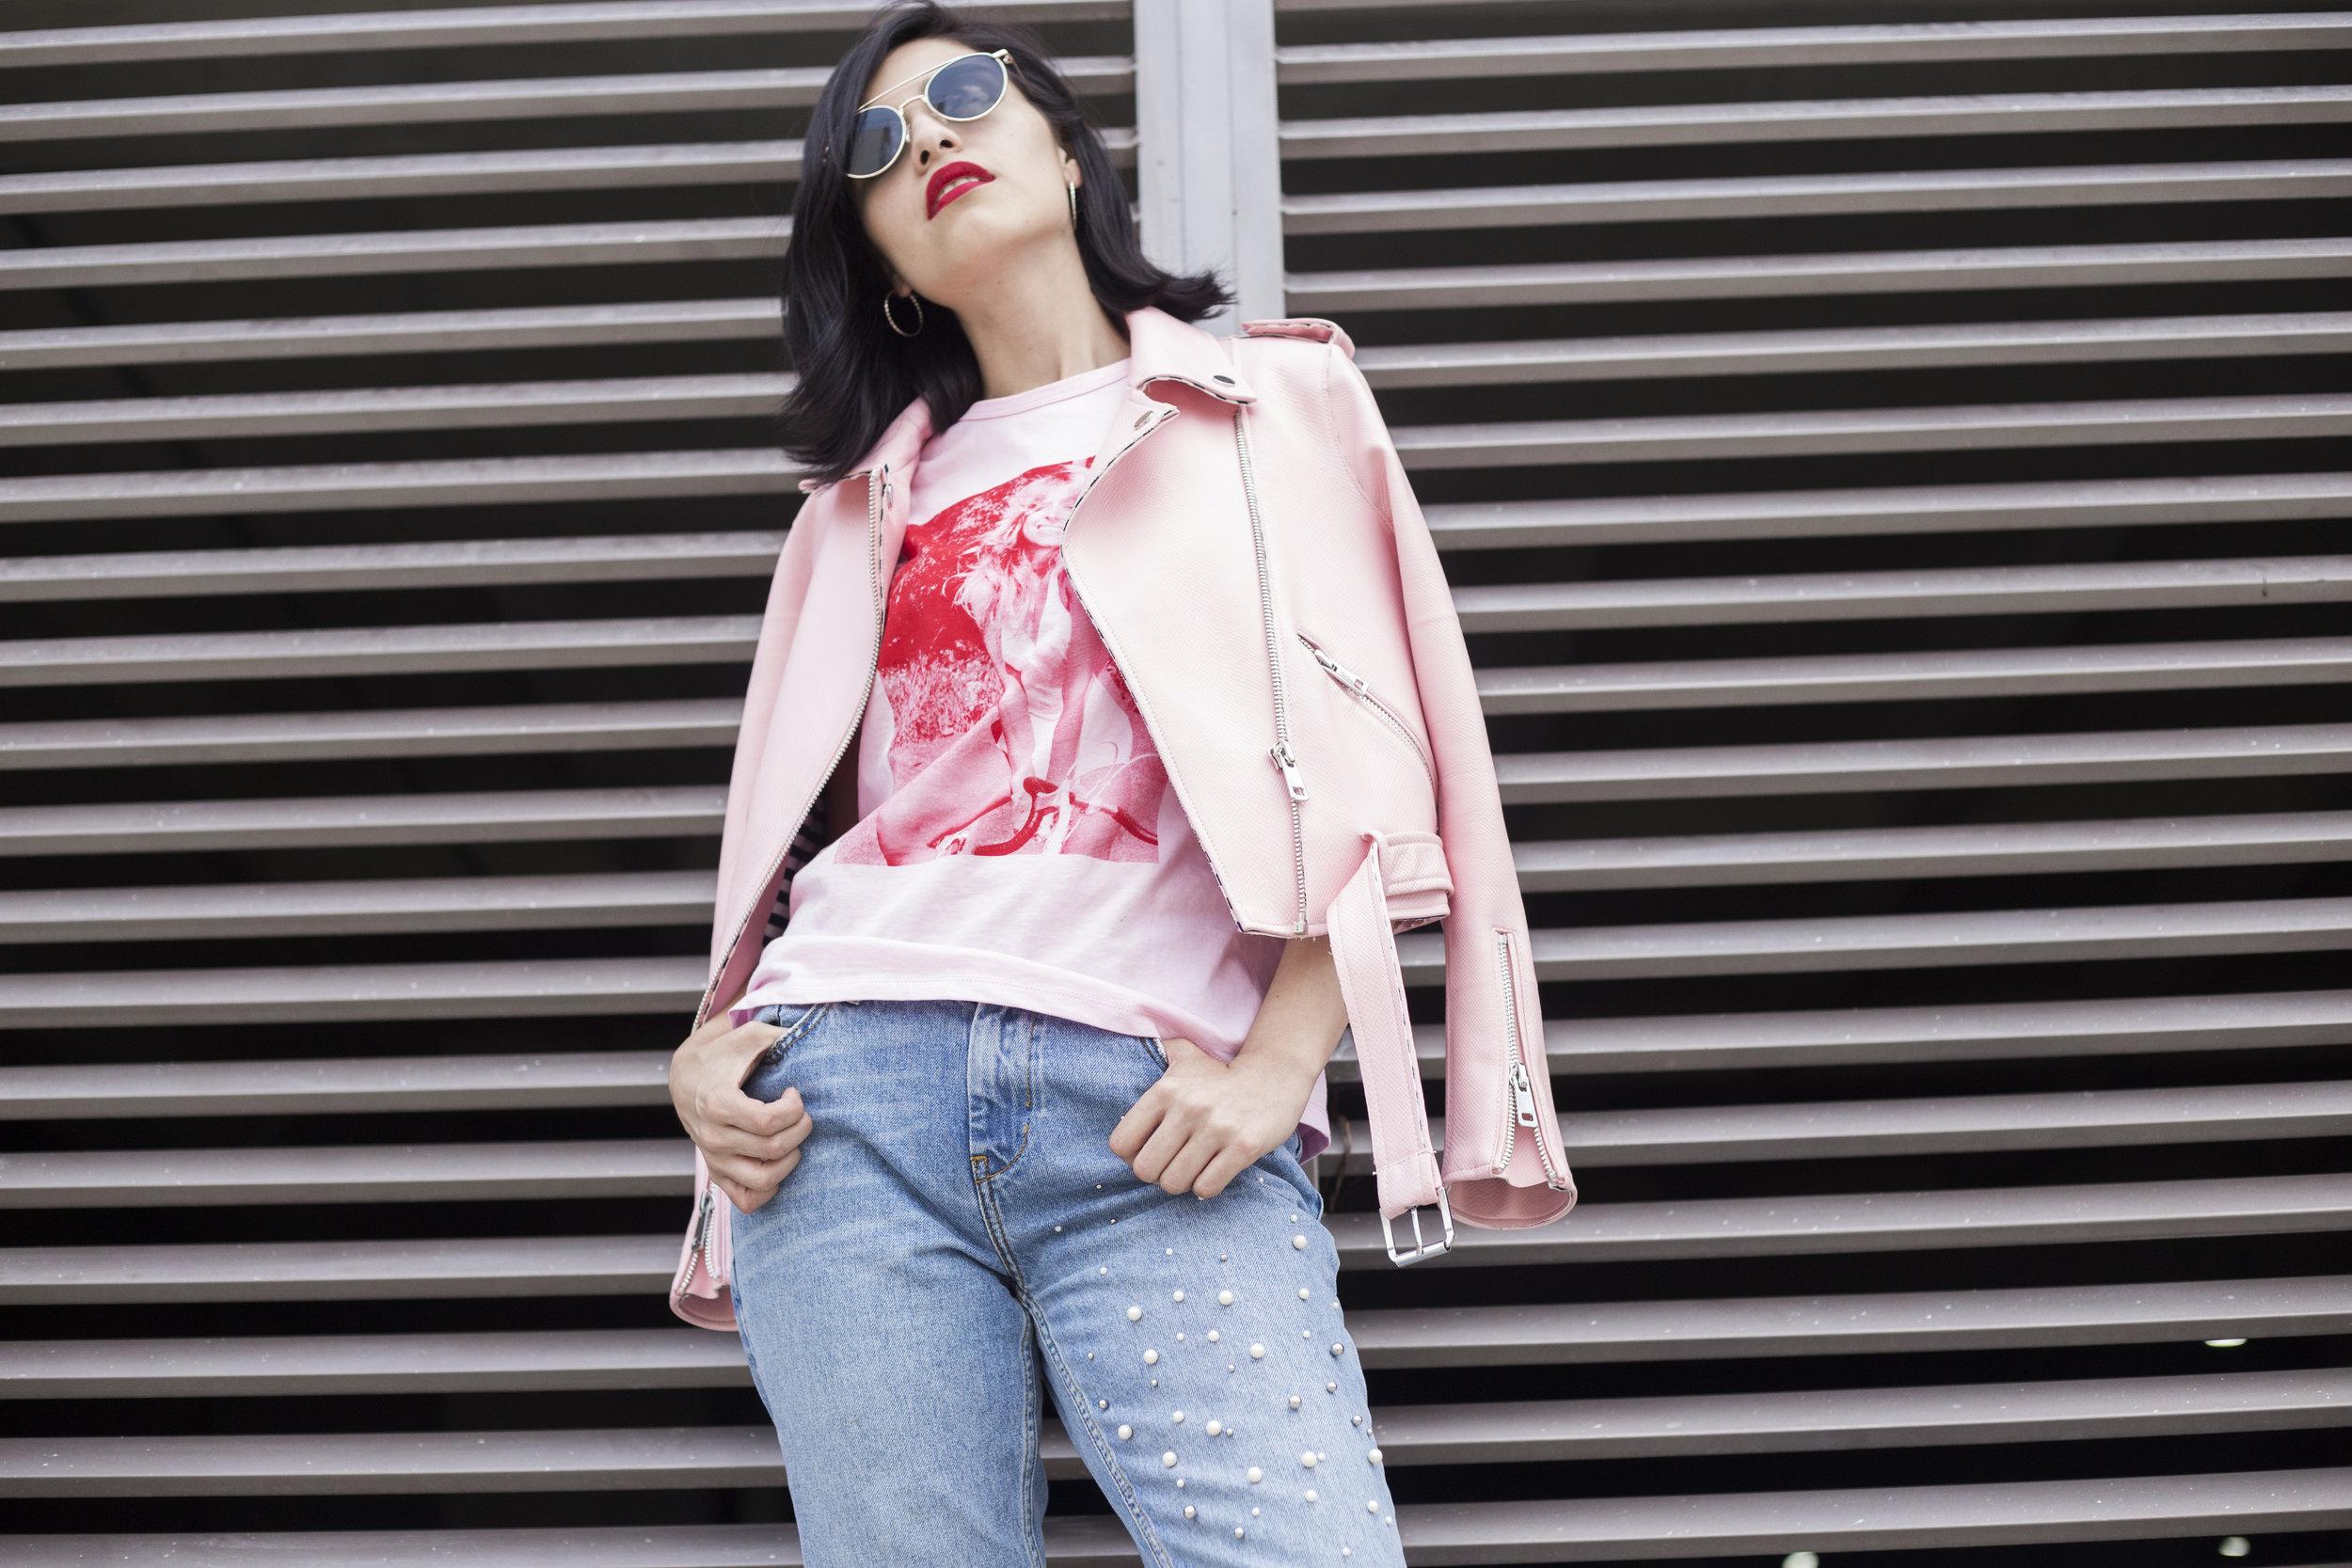 Bicker Jacket: Zara